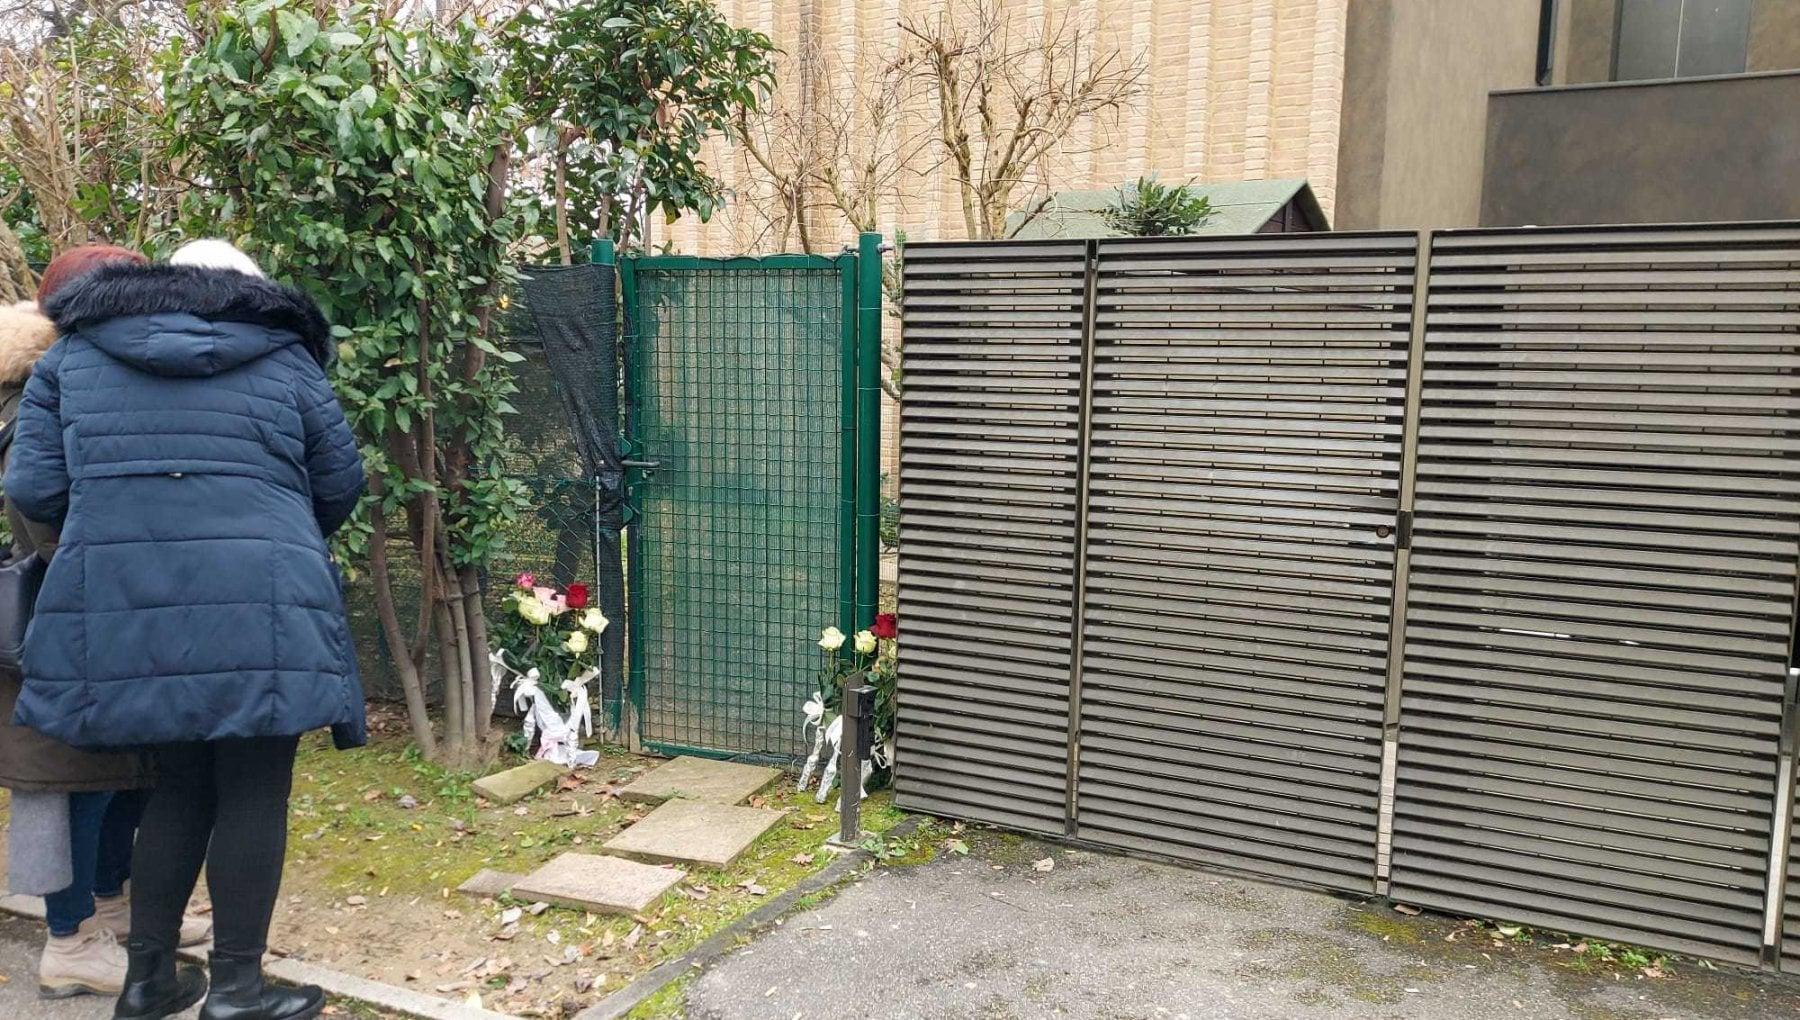 Omicidio Faenza aggiornamento